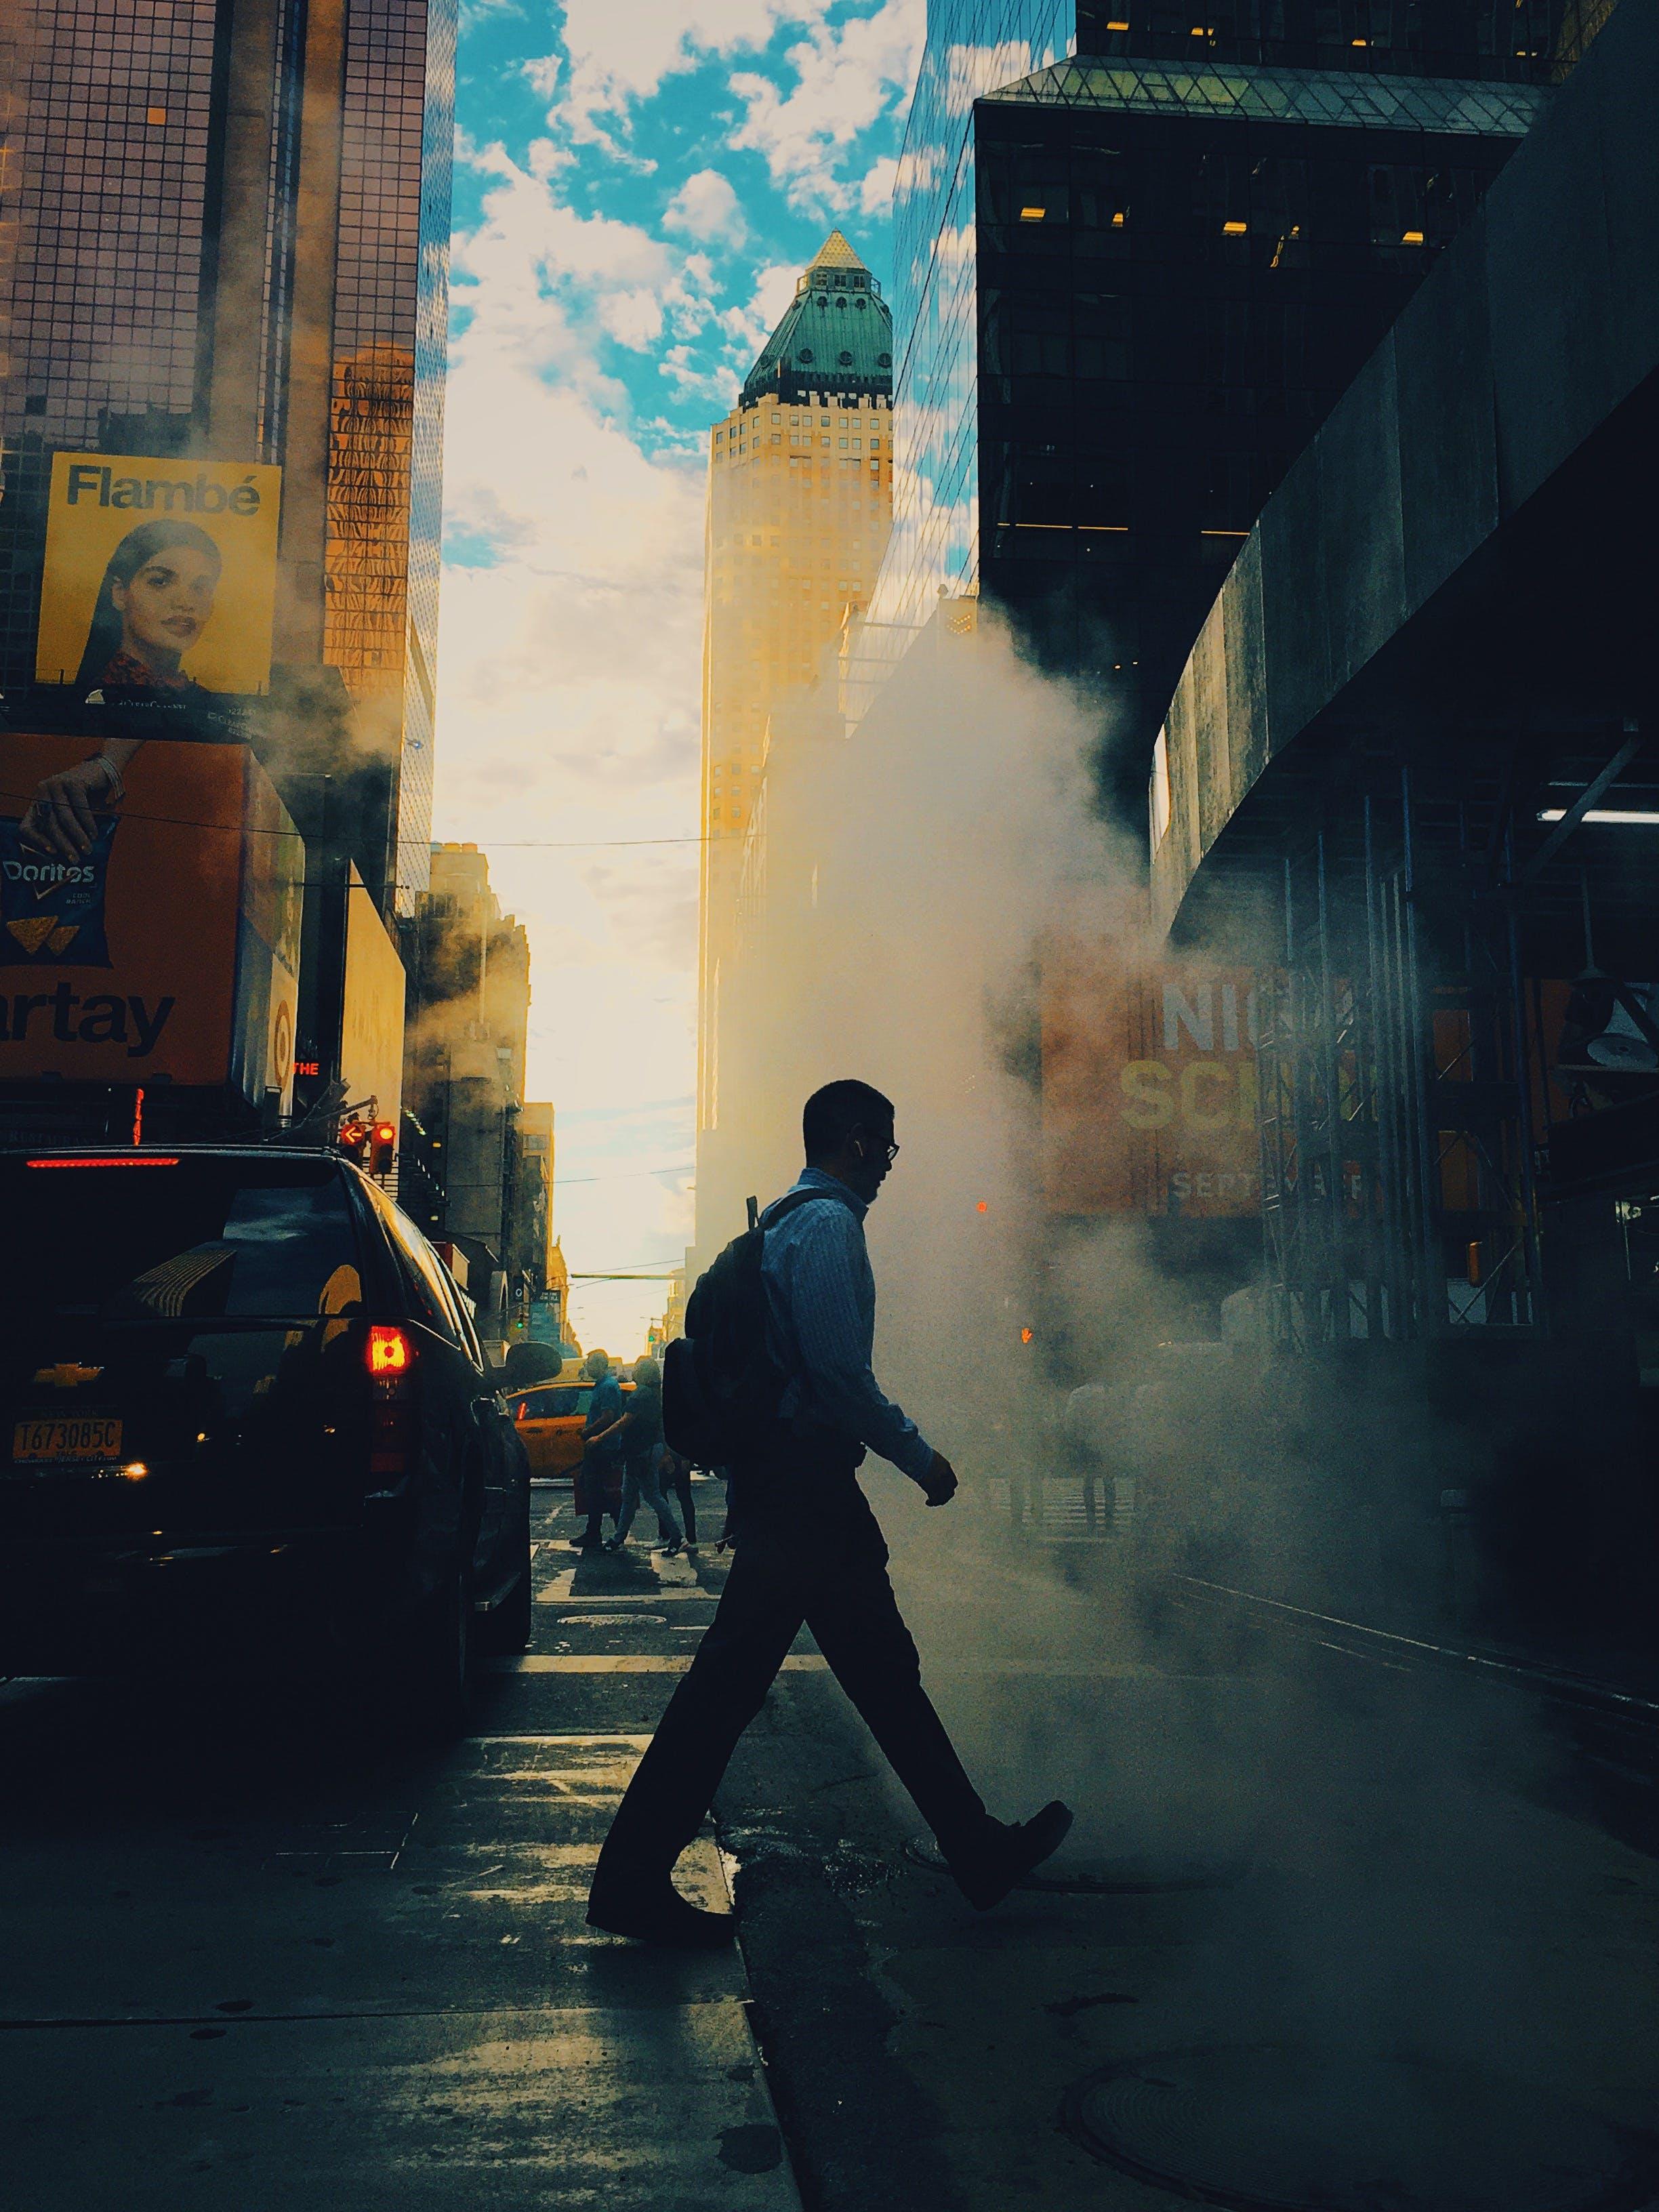 Man Passing Through Road